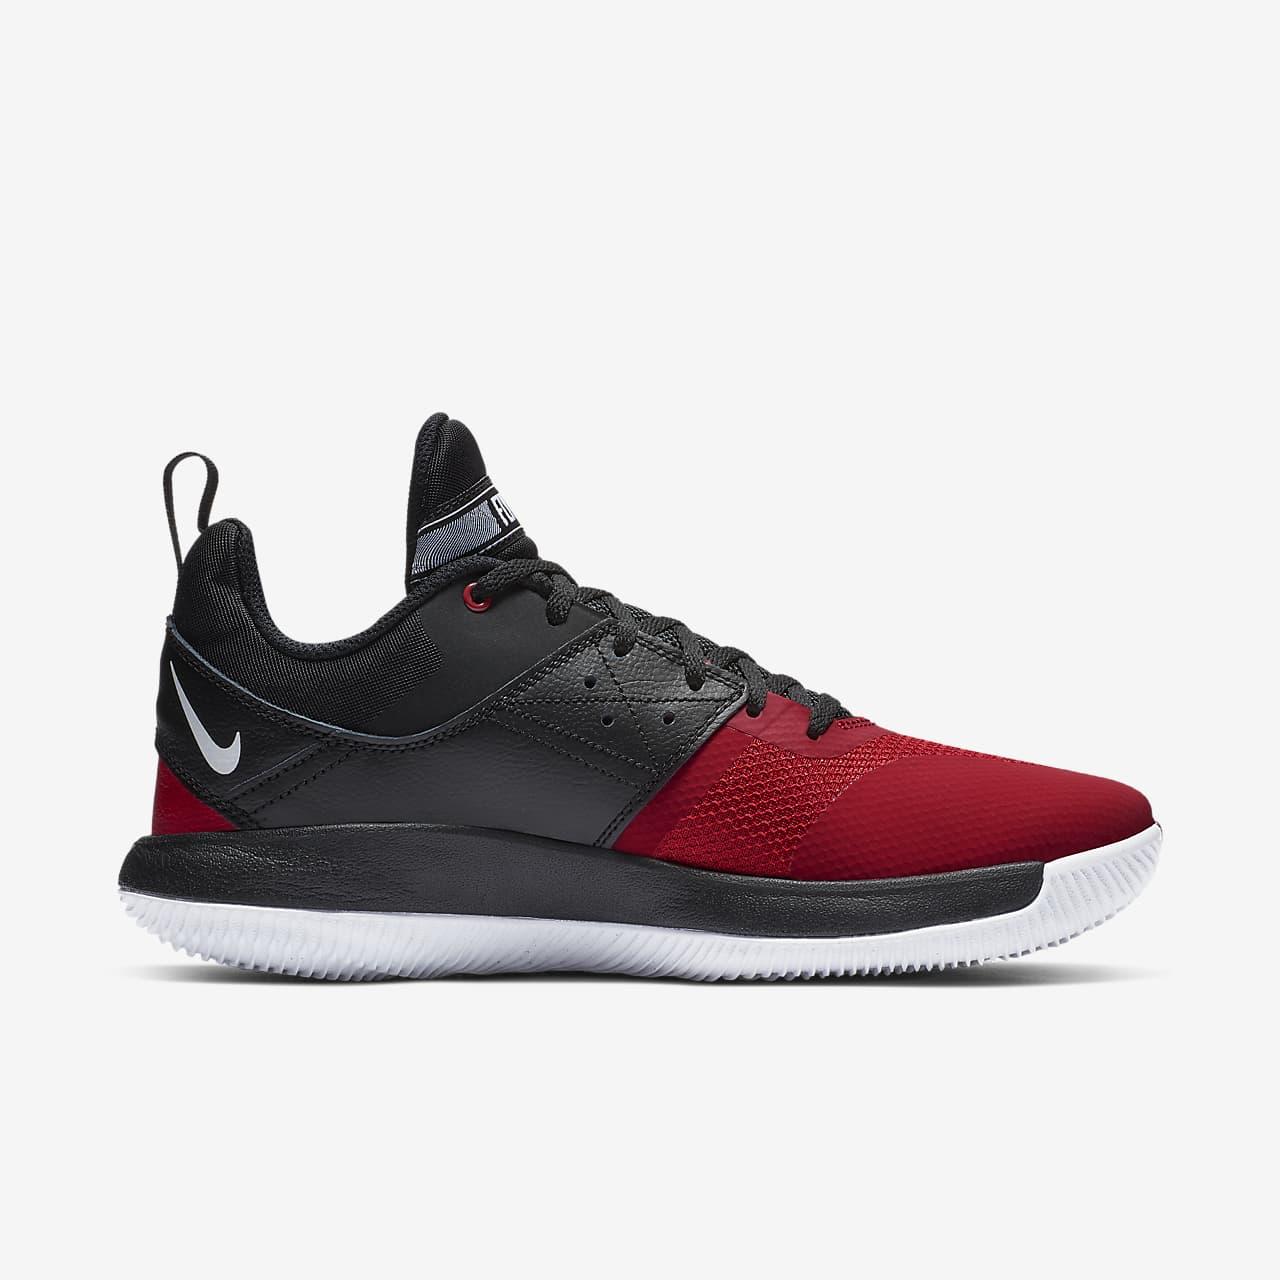 Nike Fly.By Low II Basketball Shoe AJ5902-006